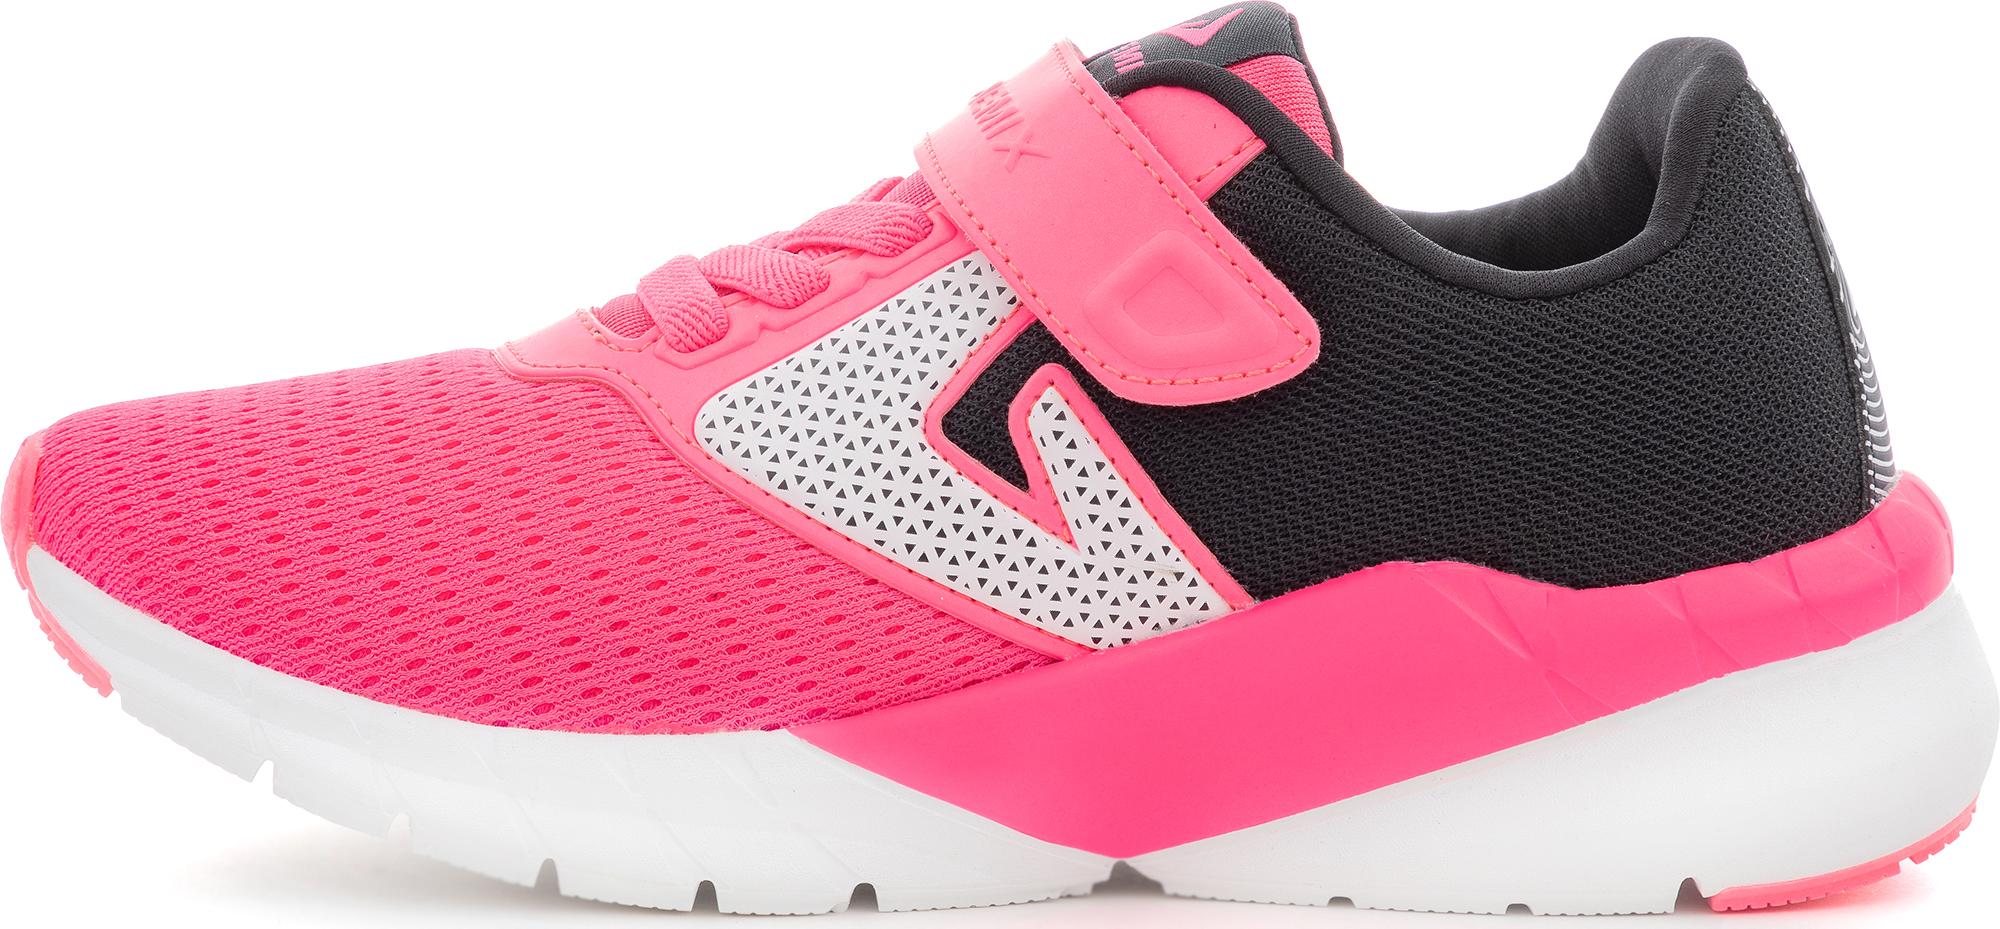 Demix Кроссовки для девочек Demix Compact JR, размер 36 demix кроссовки для девочек demix x trainer размер 39